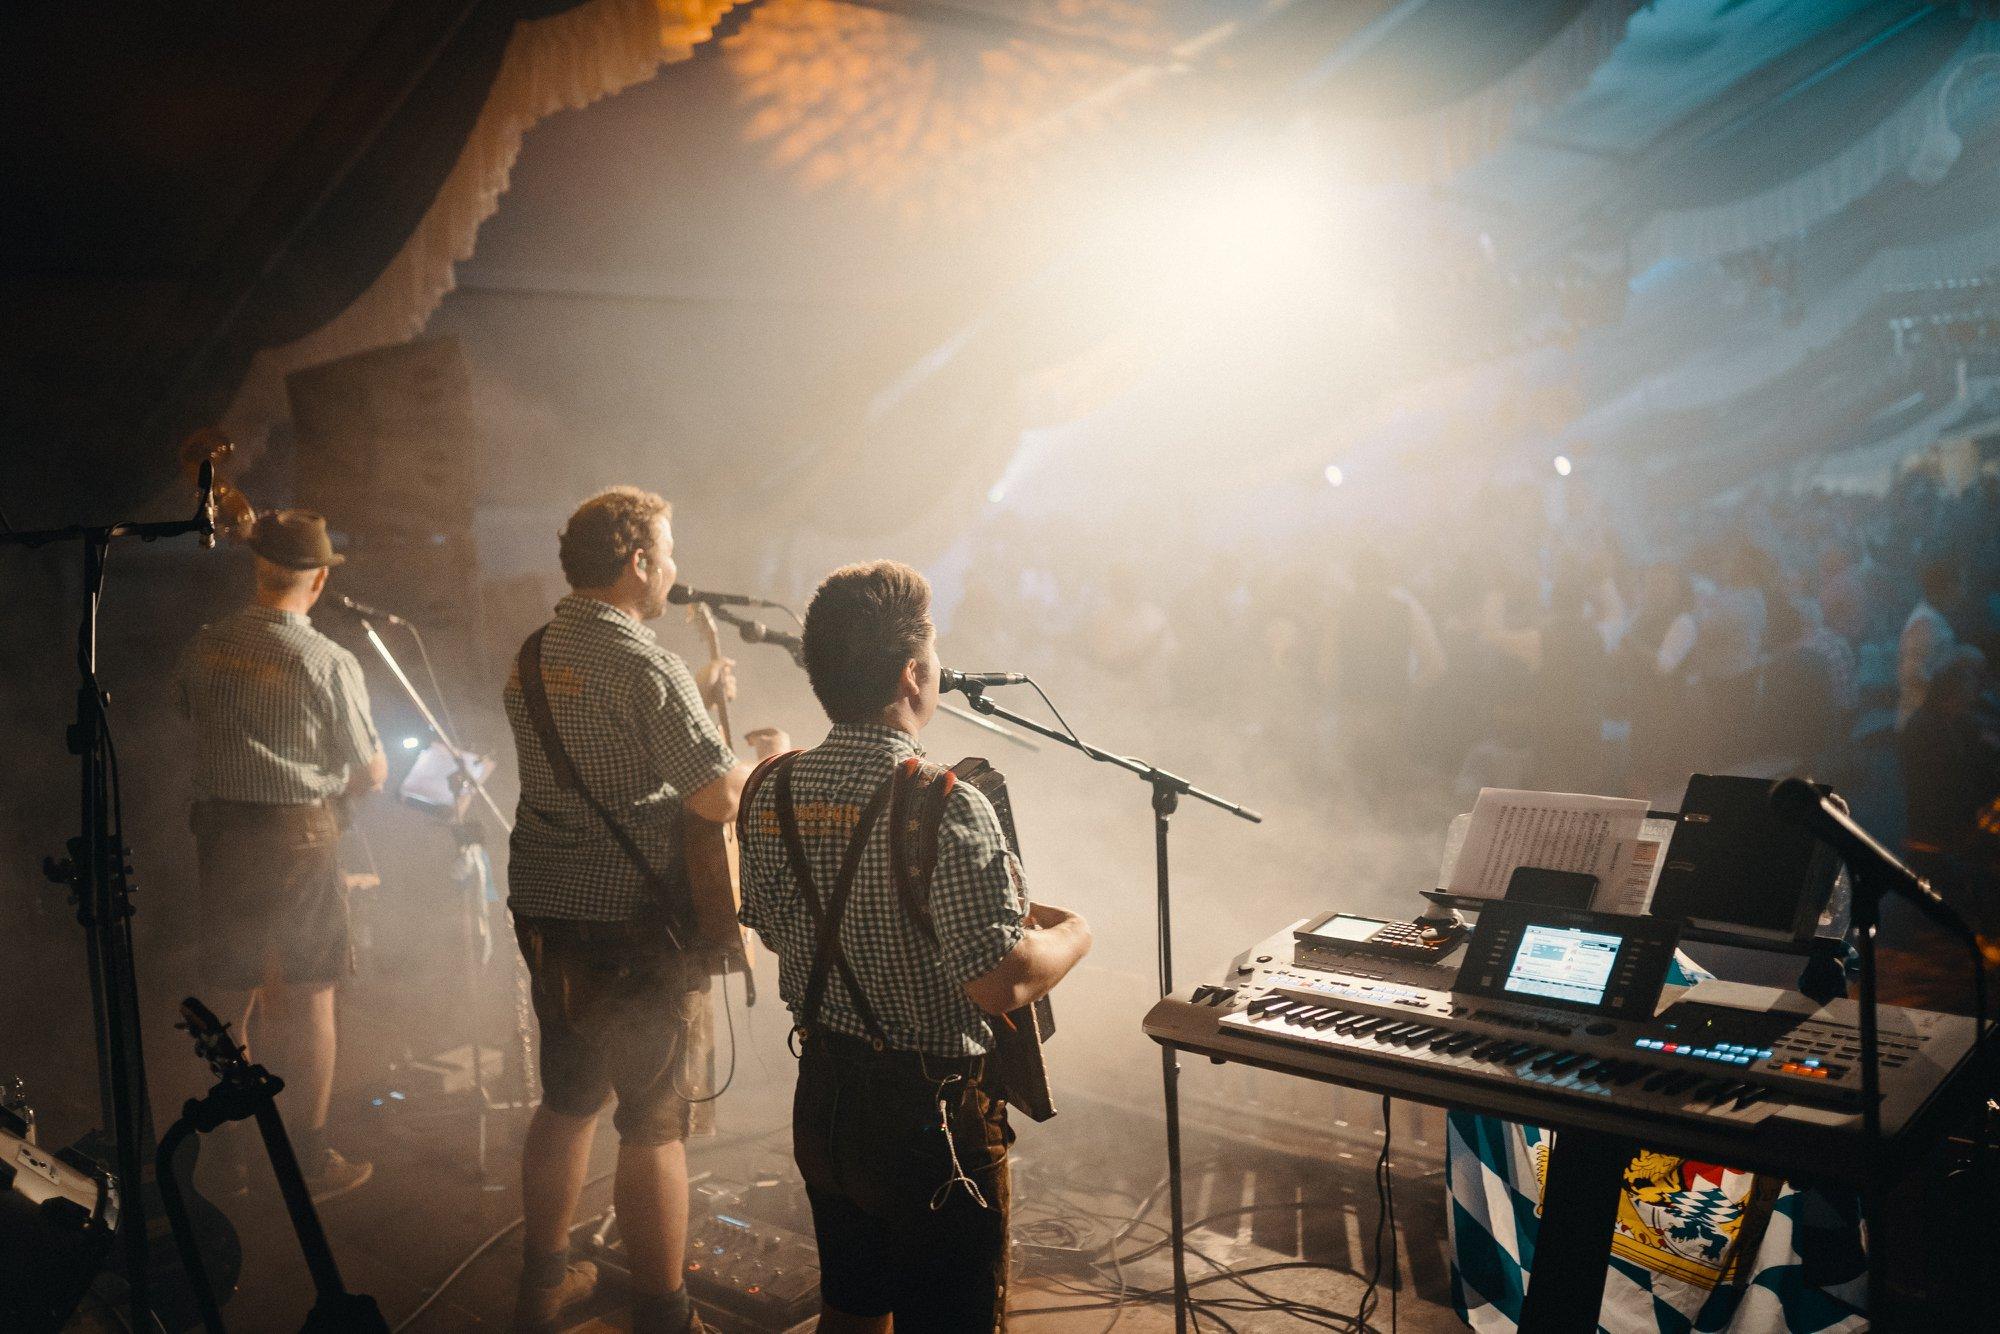 volksfestband die Lausbuba